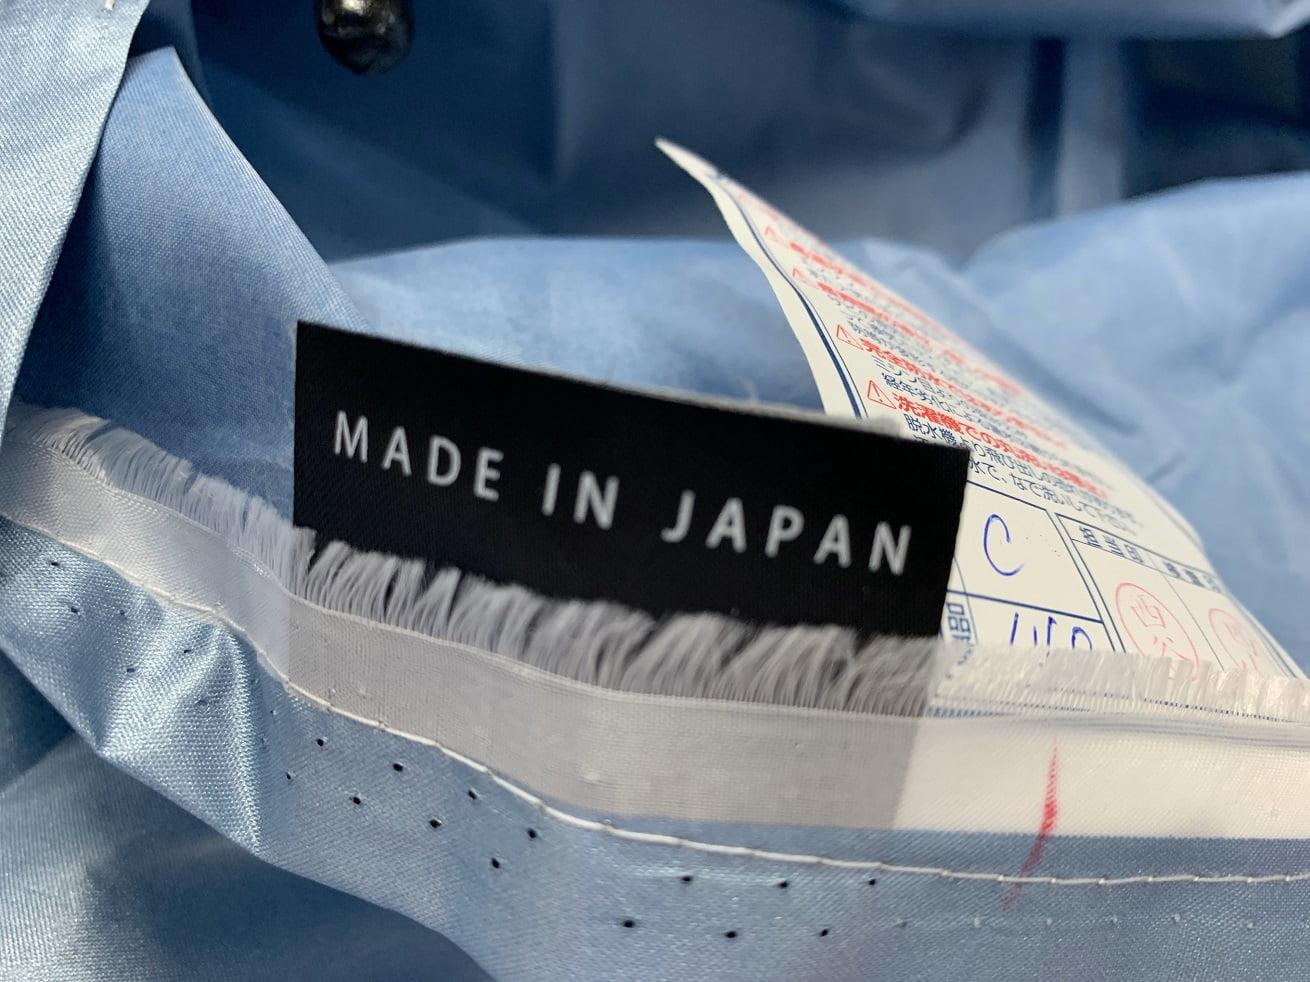 パナソニック純正サイクルカバーSAR140のMade in JAPANタグ